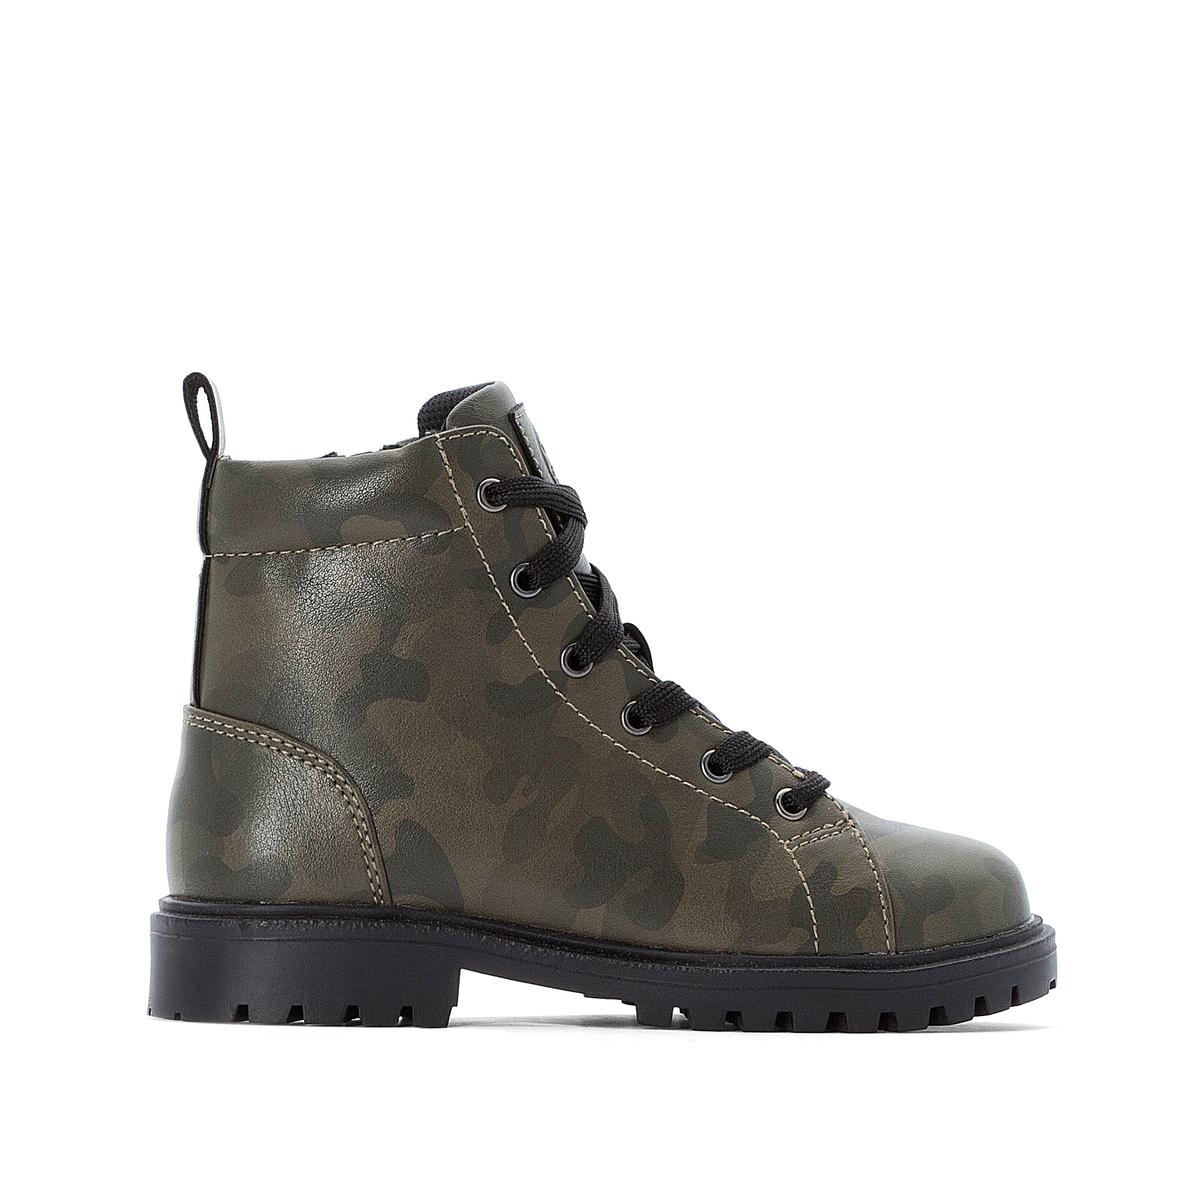 Ботинки La Redoute На шнуровке - 38 разноцветный ботинки la redoute на шнуровке 38 белый